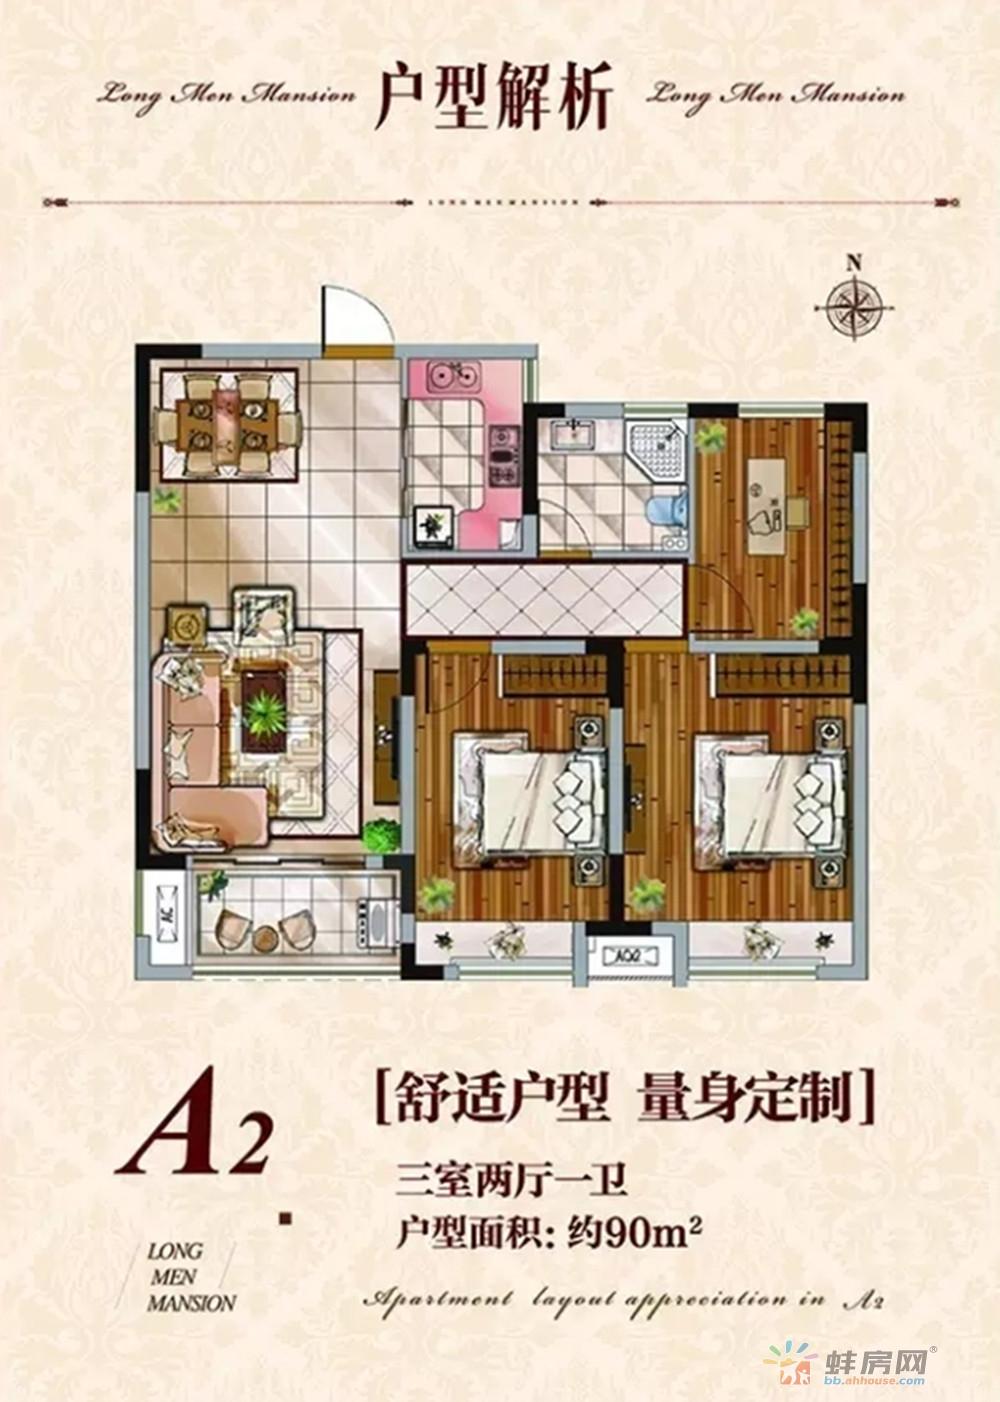 新威龙门悦府_3室2厅1卫1厨